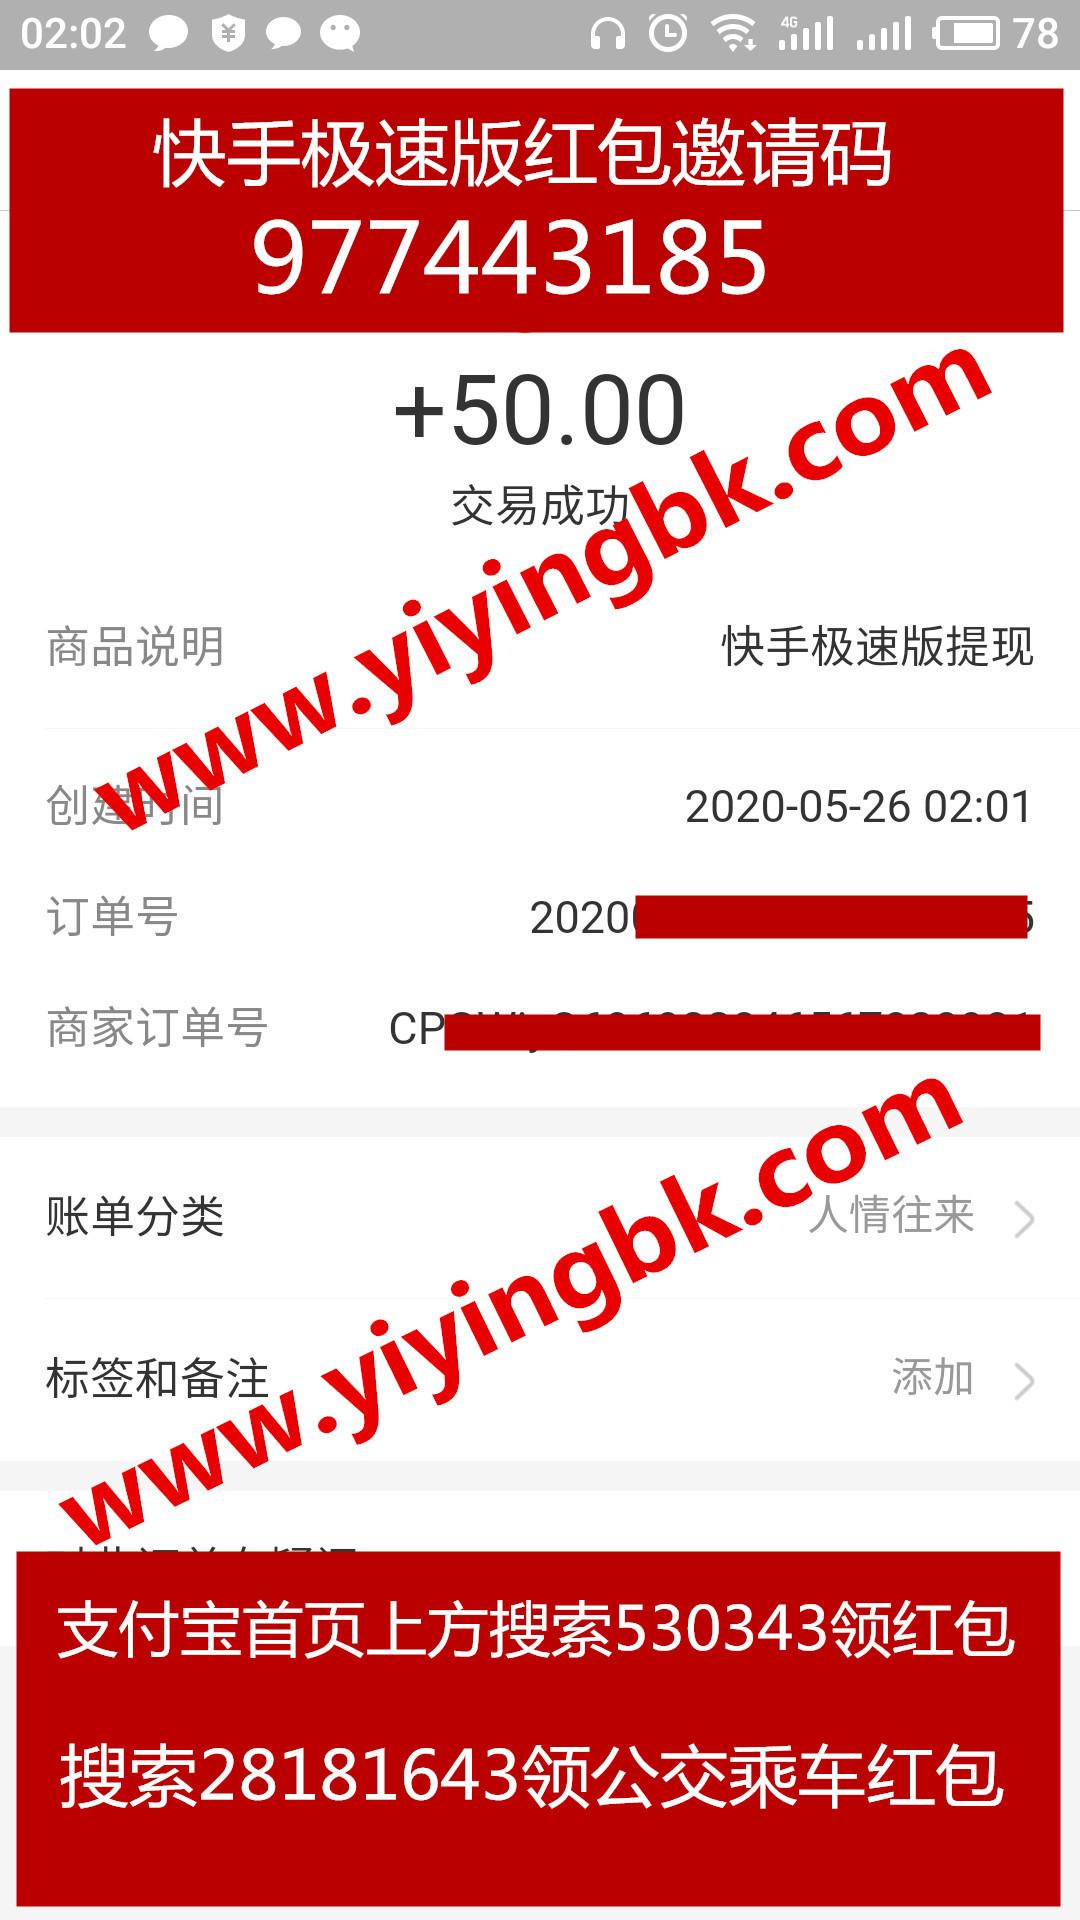 快手极速版,支付宝提现50元秒到账,www.yiyingbk.com